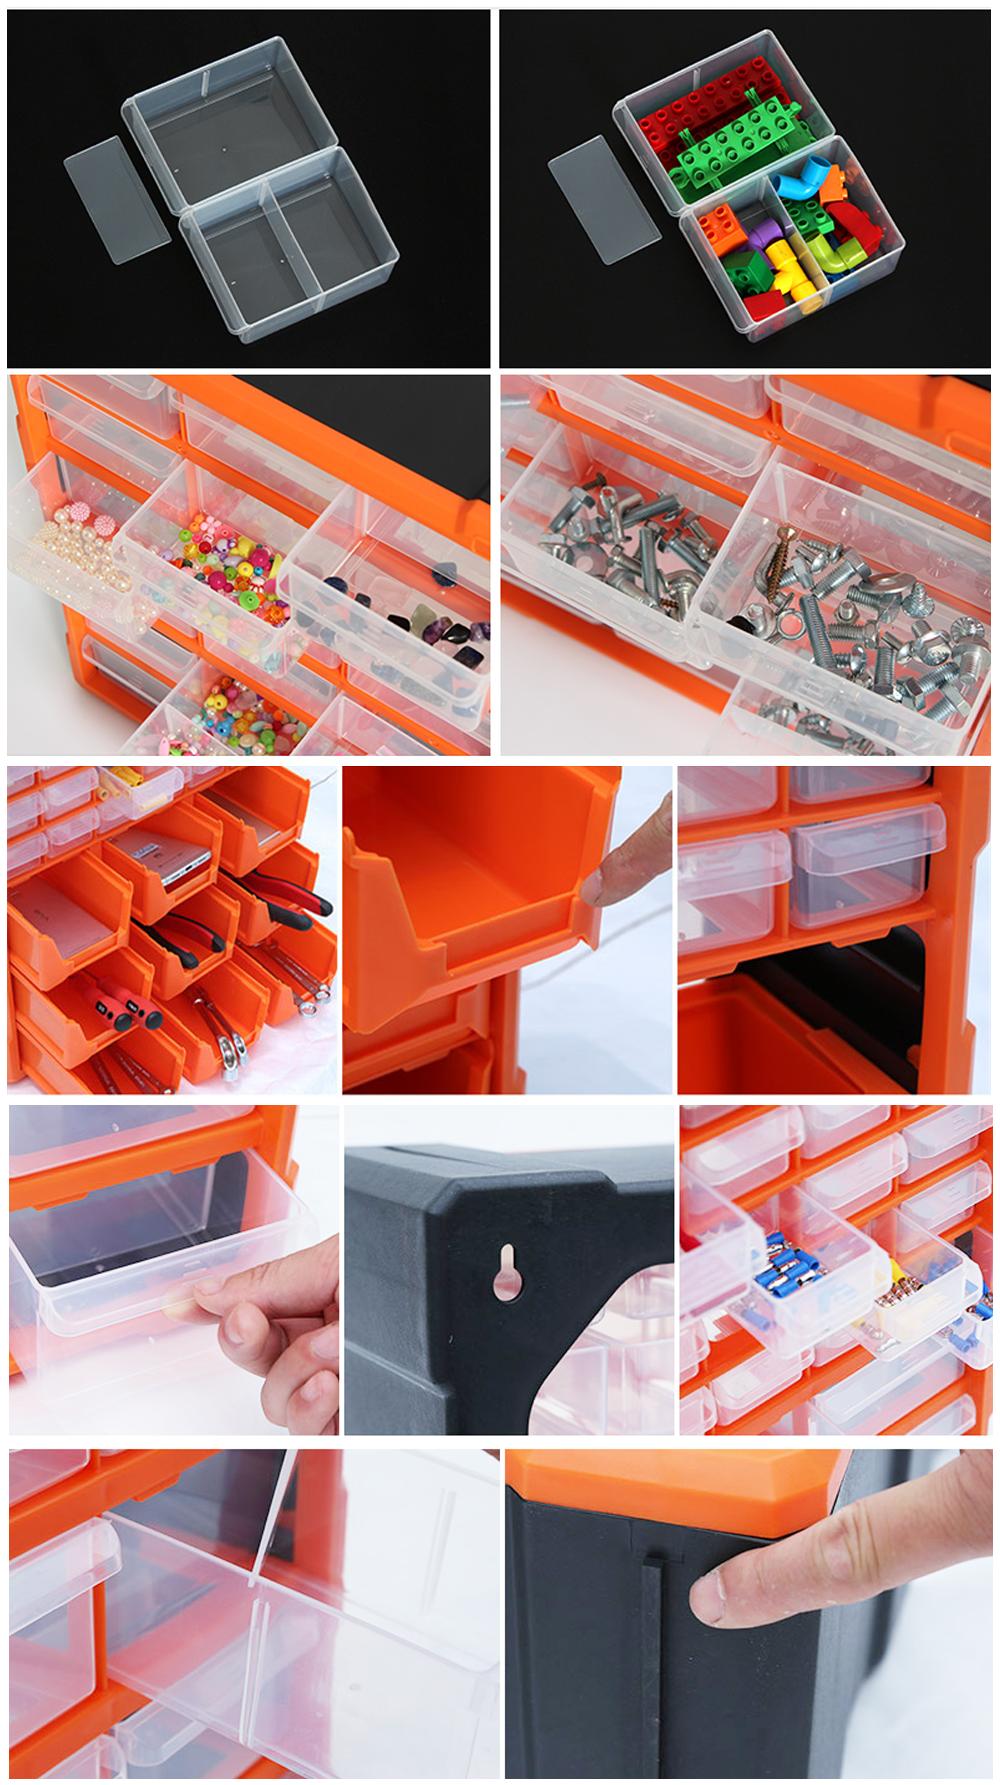 Caixa de armazenamento plástico do material pp com 39 gavetas caixa organizadora U-1510